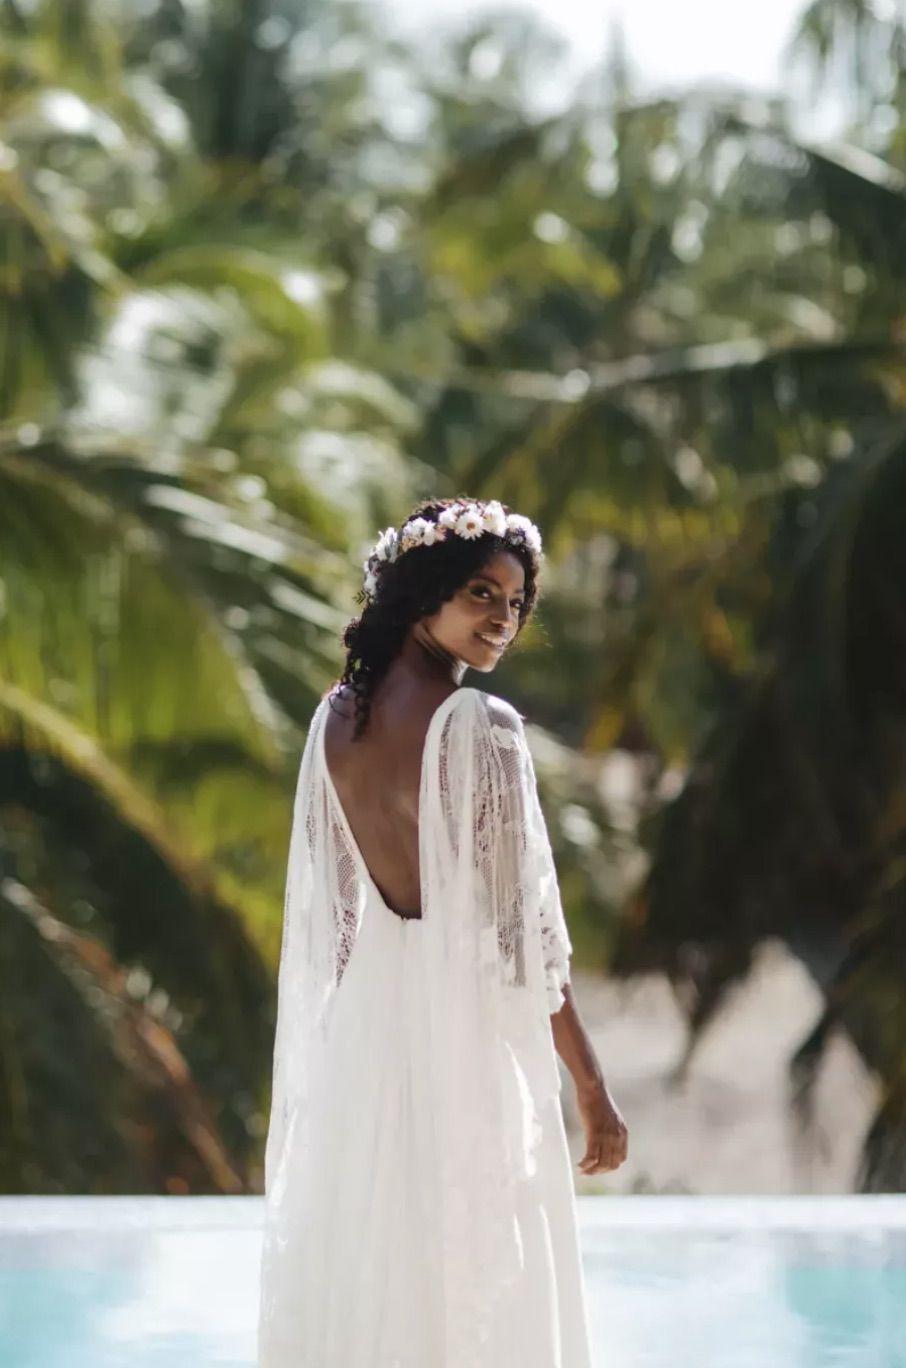 Bridal portrait by pool